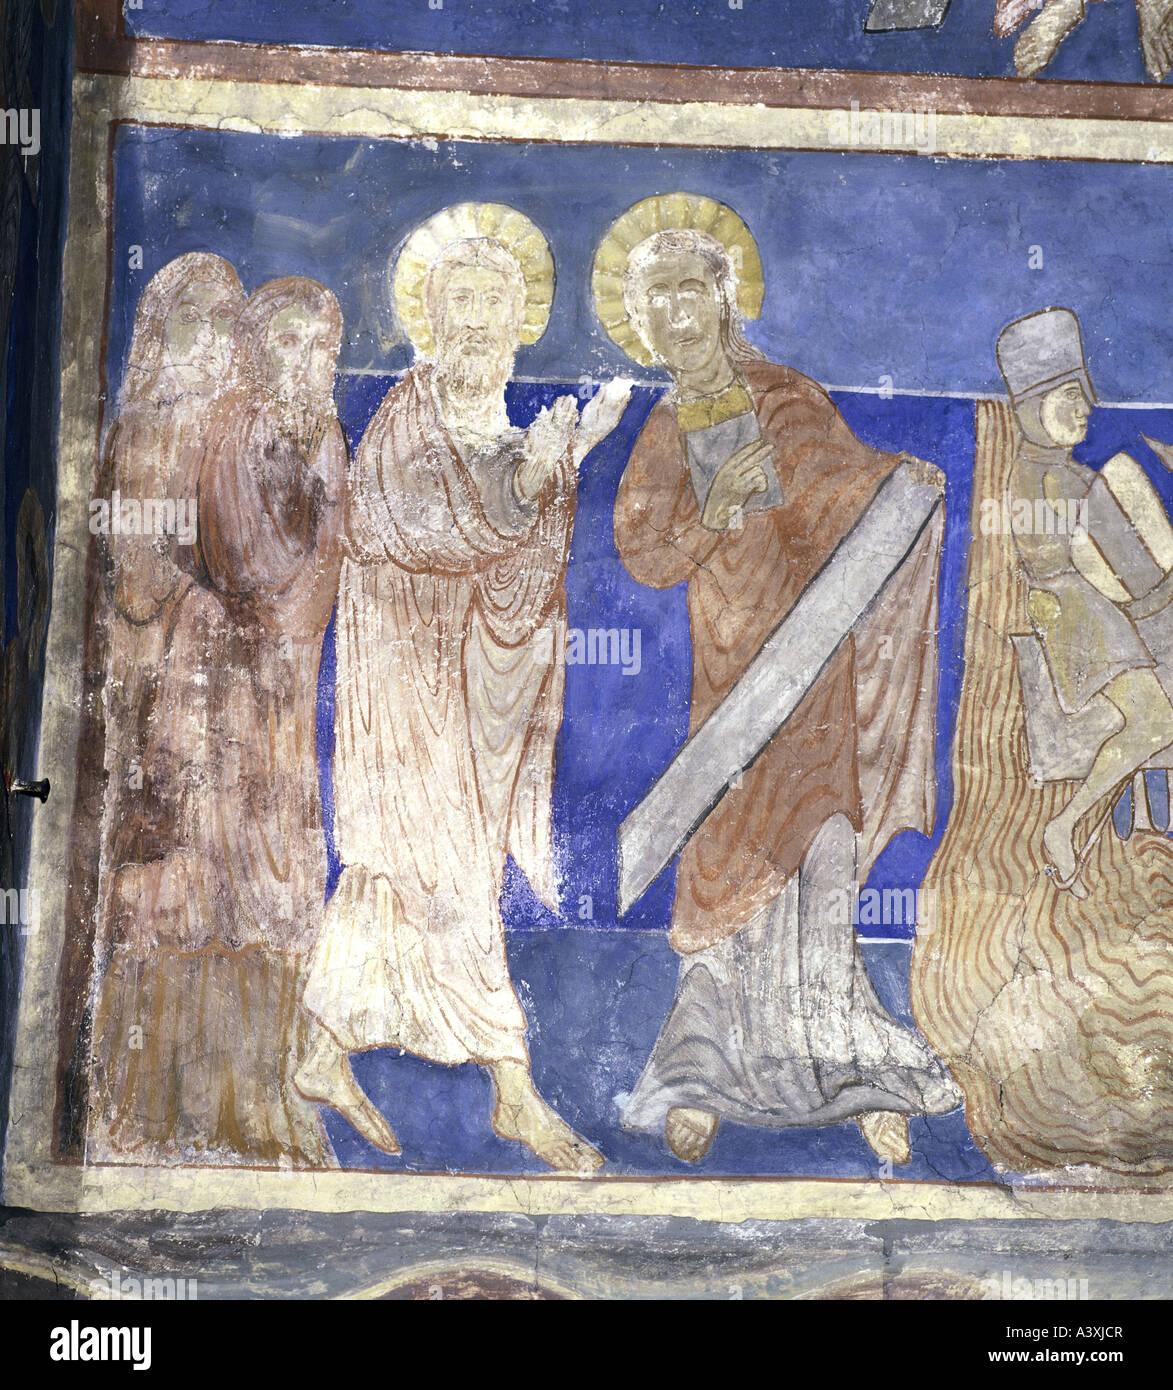 Belle arti, l'arte religiosa, Mosè, Mosè e Aronne, pittura, affresco del XIII secolo, Chiesa di Bjäresjö, Immagini Stock